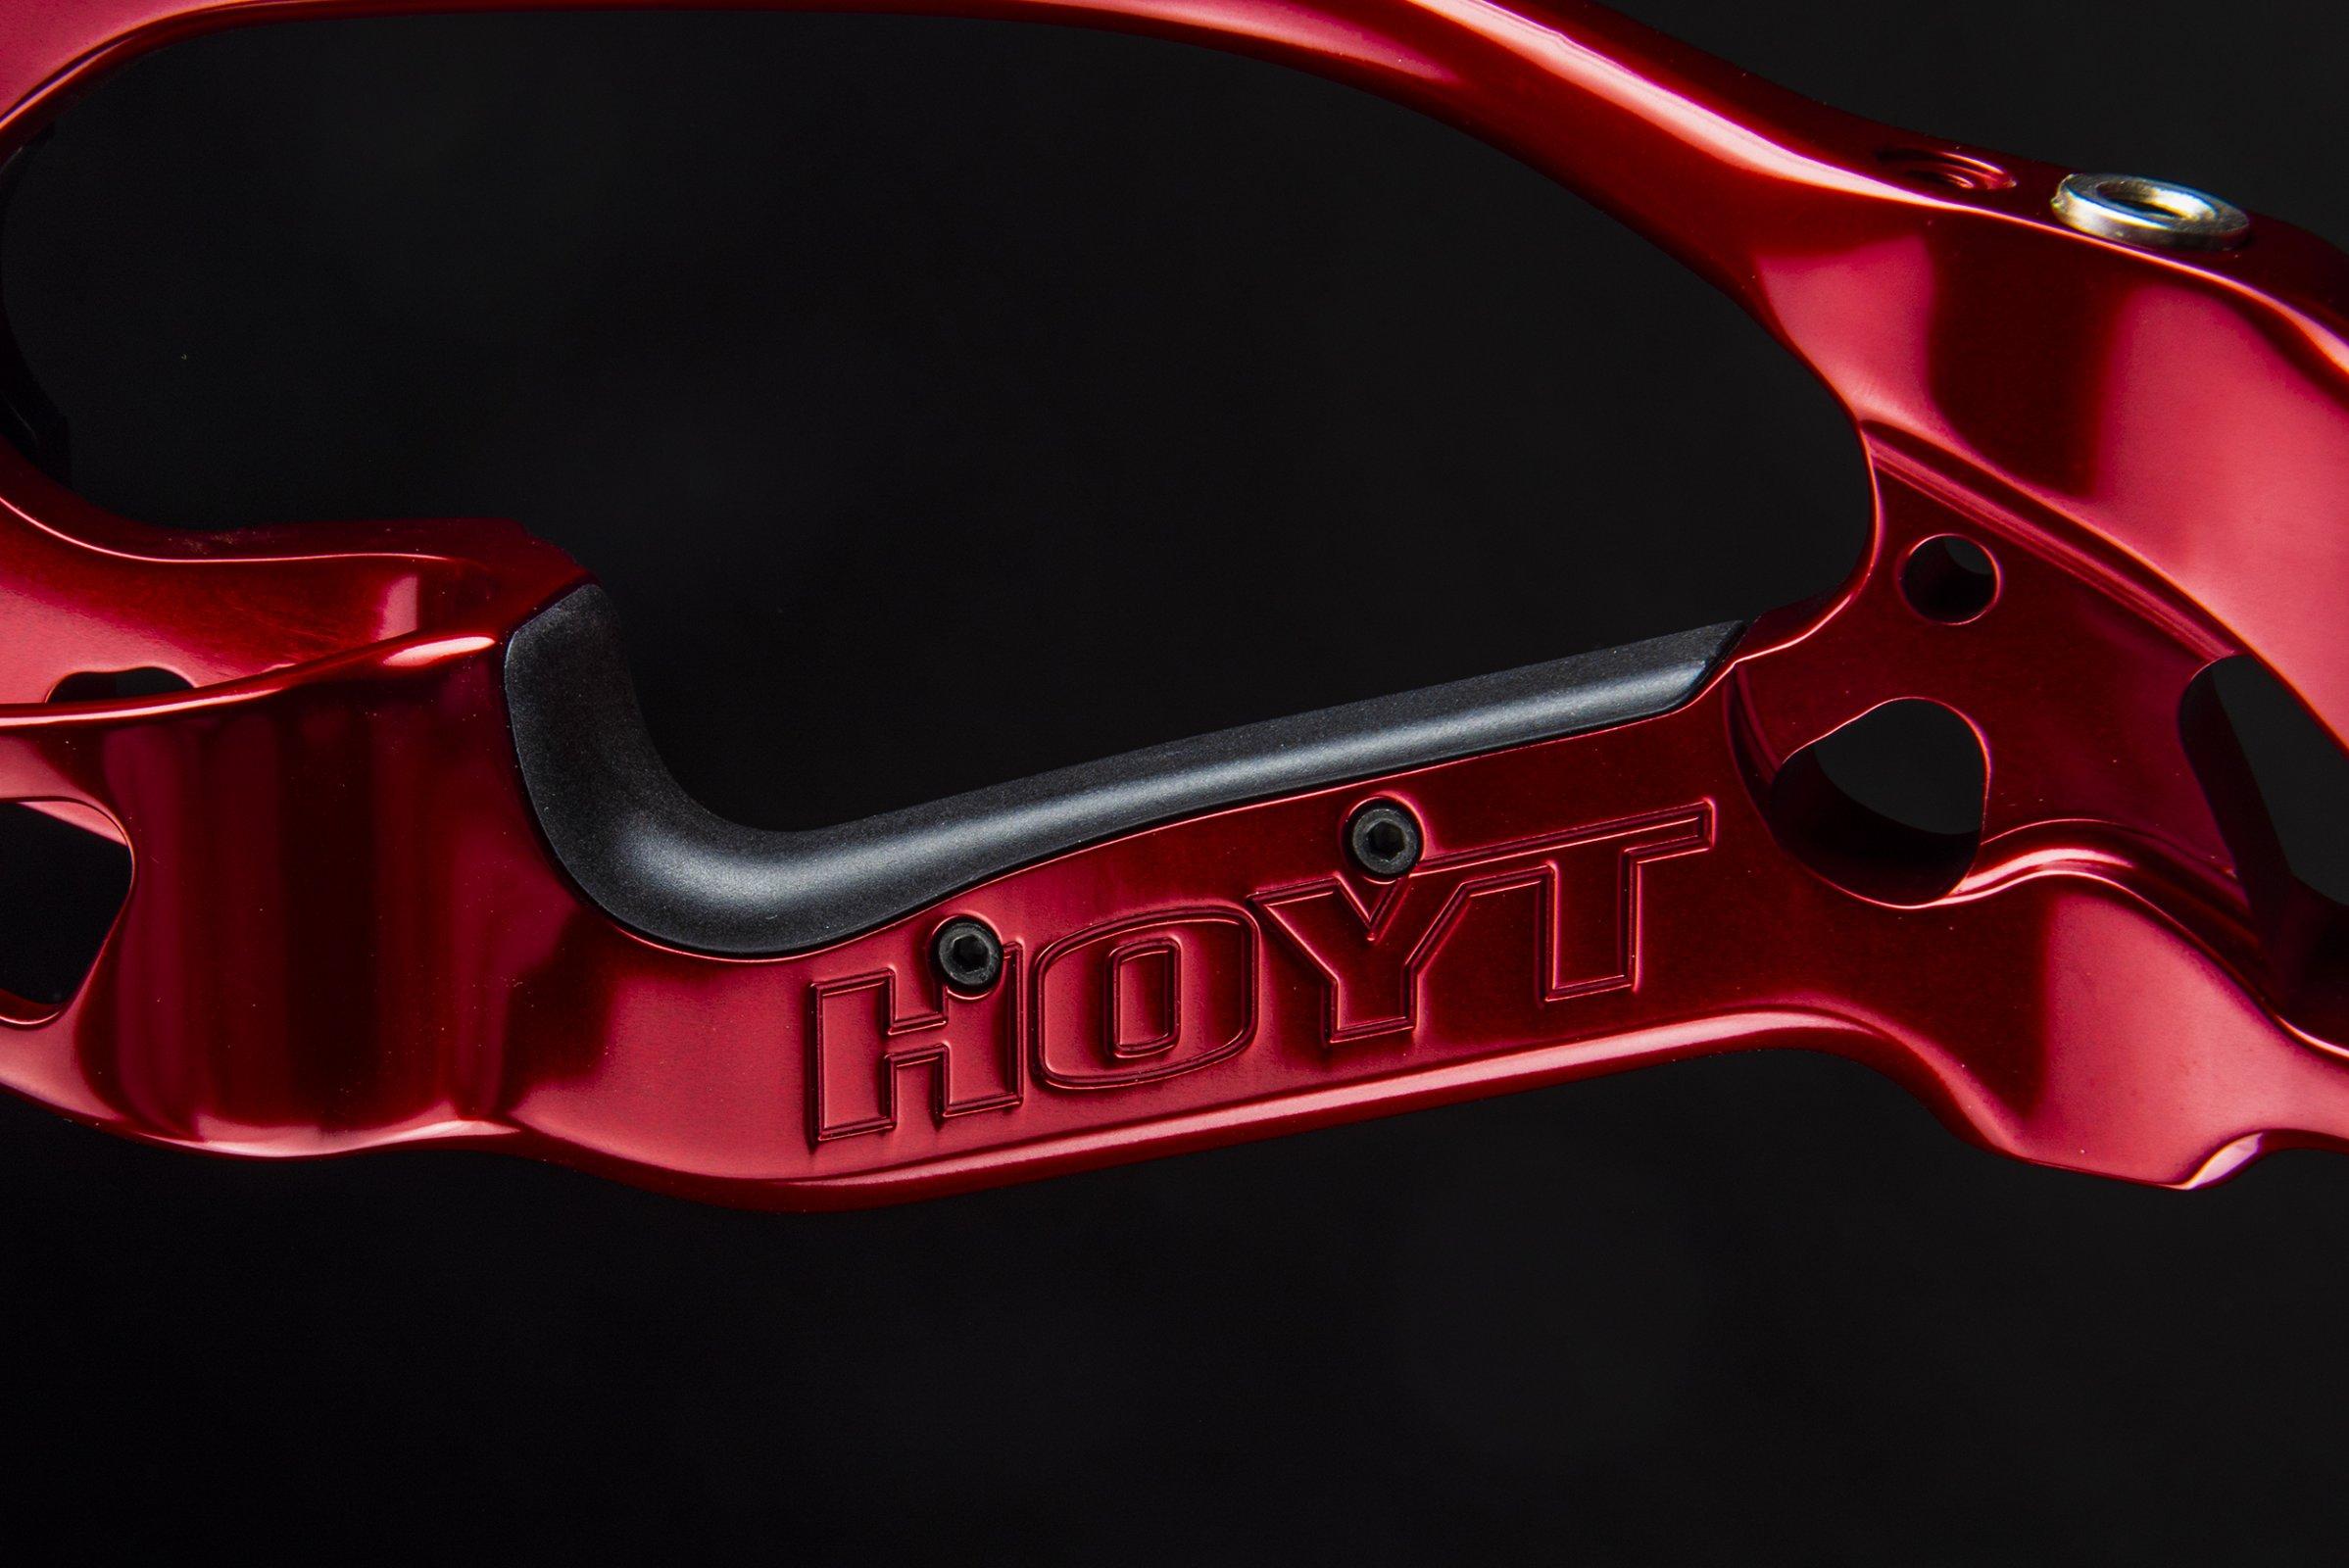 Hoyt Helix